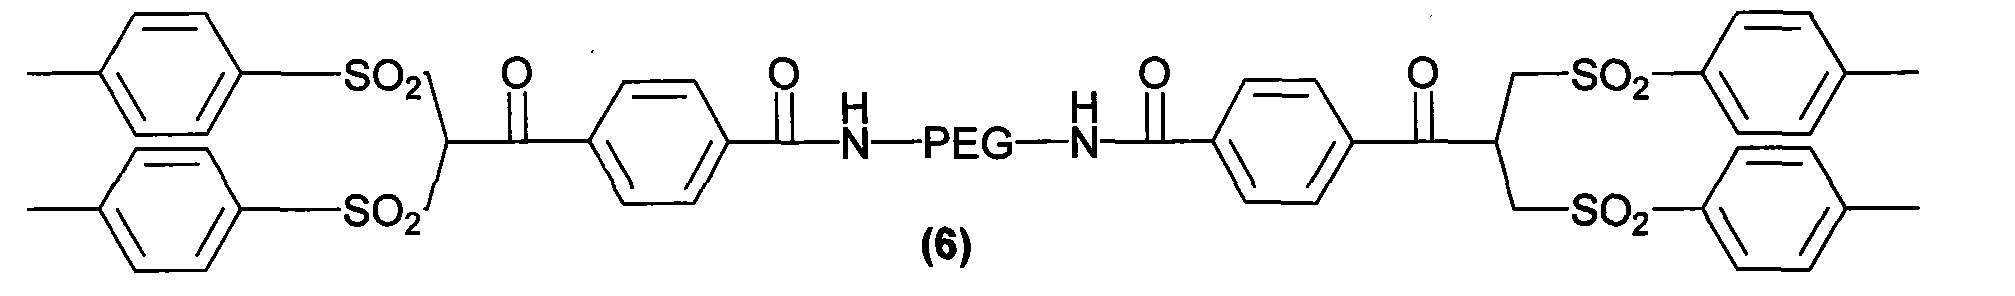 Figure CN101820920BD00221